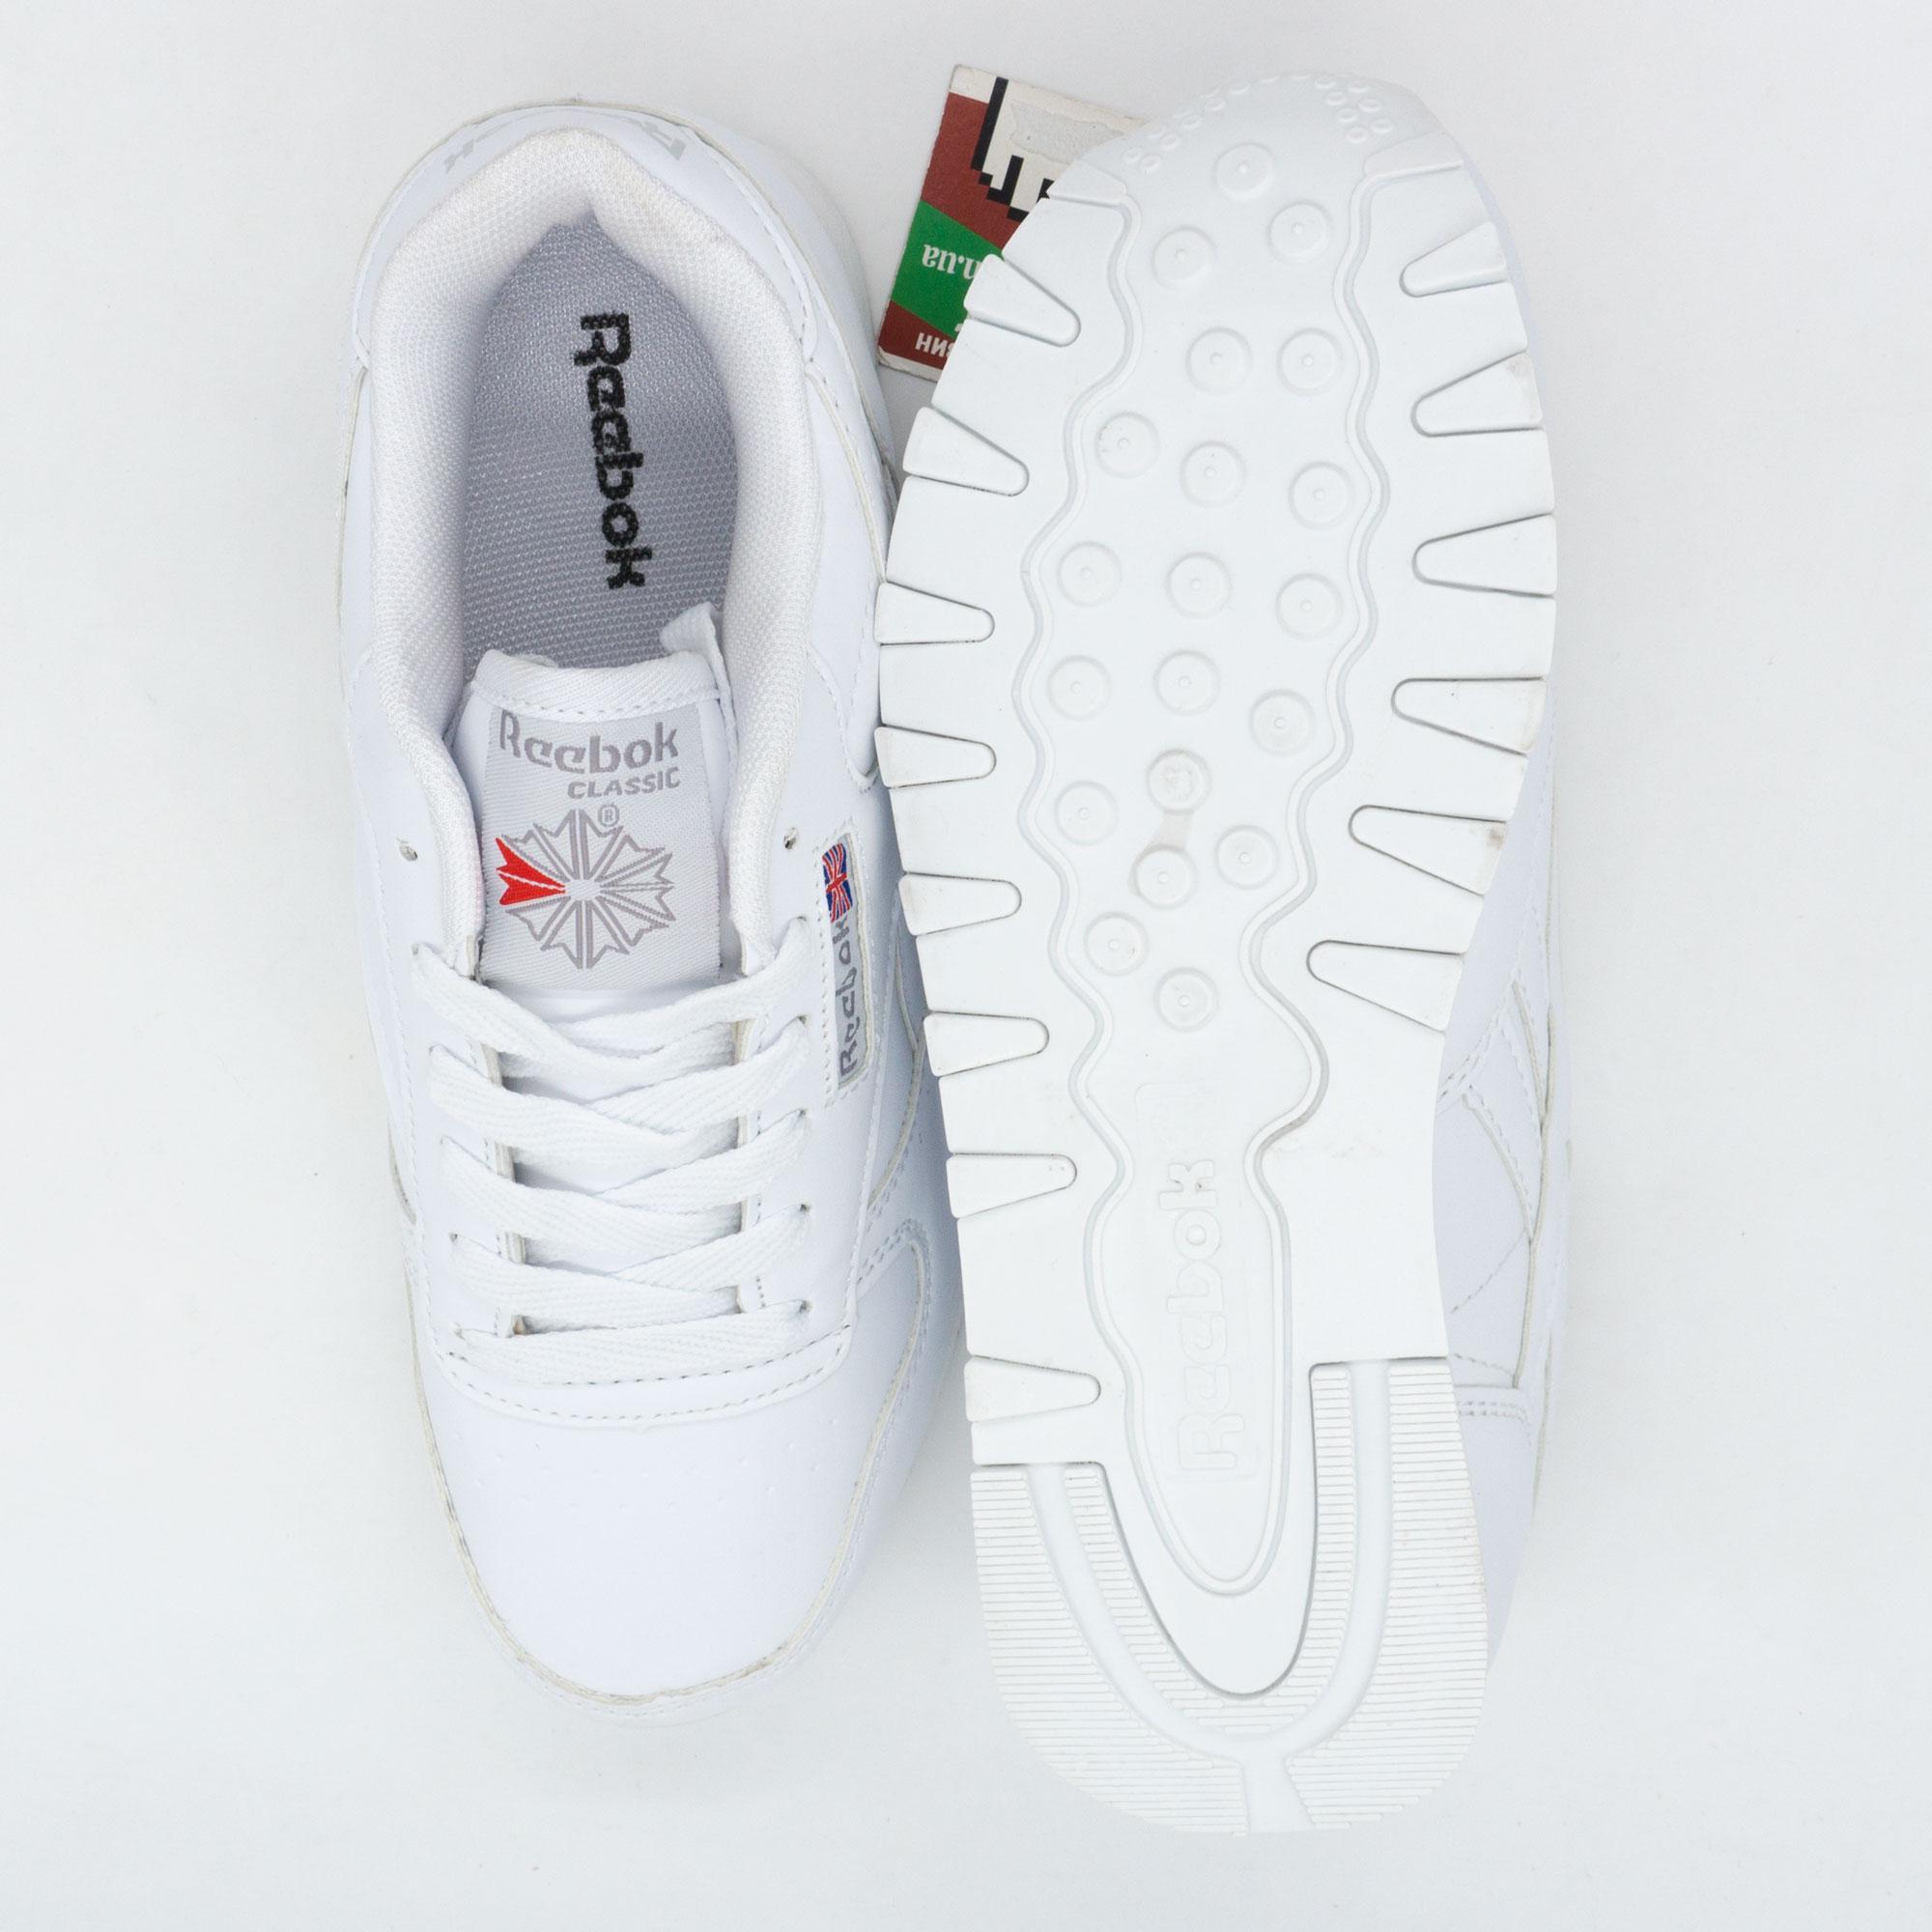 фото bottom Белые женские кроссовки Reebok classic bottom